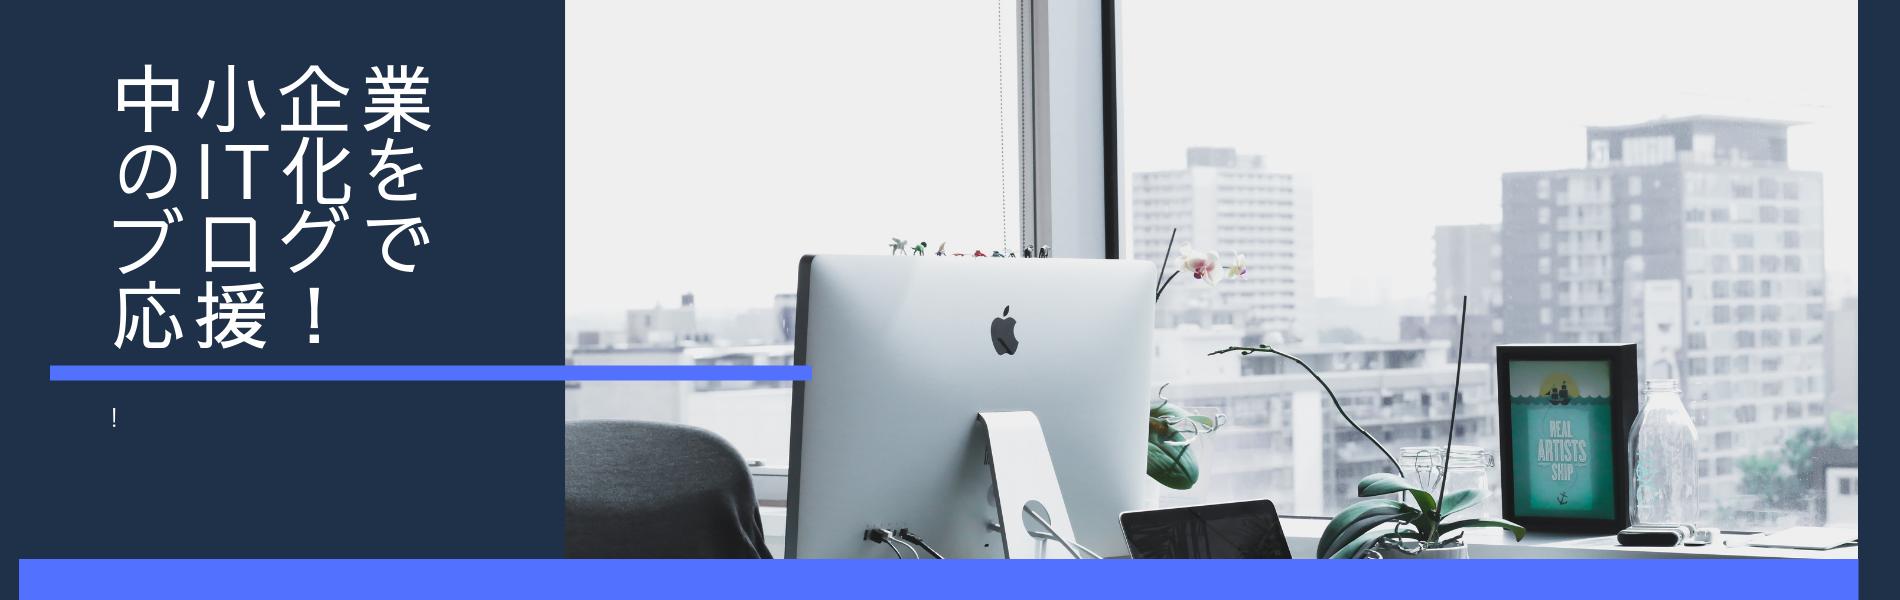 中小企業 IT化支援ブログ